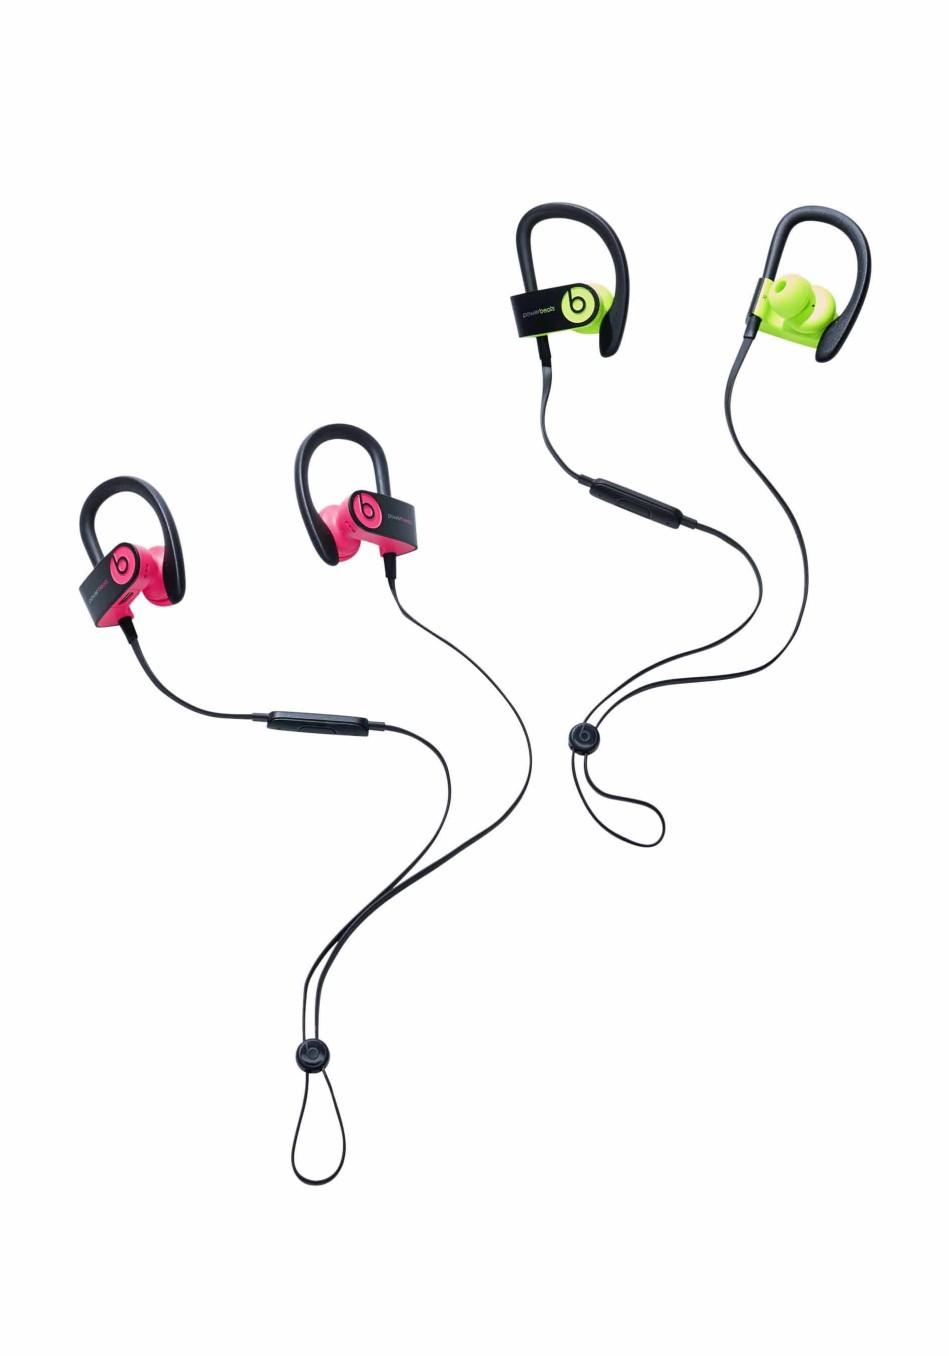 Beats by Dr. Dre Powerbeats3 Wireless Earphones